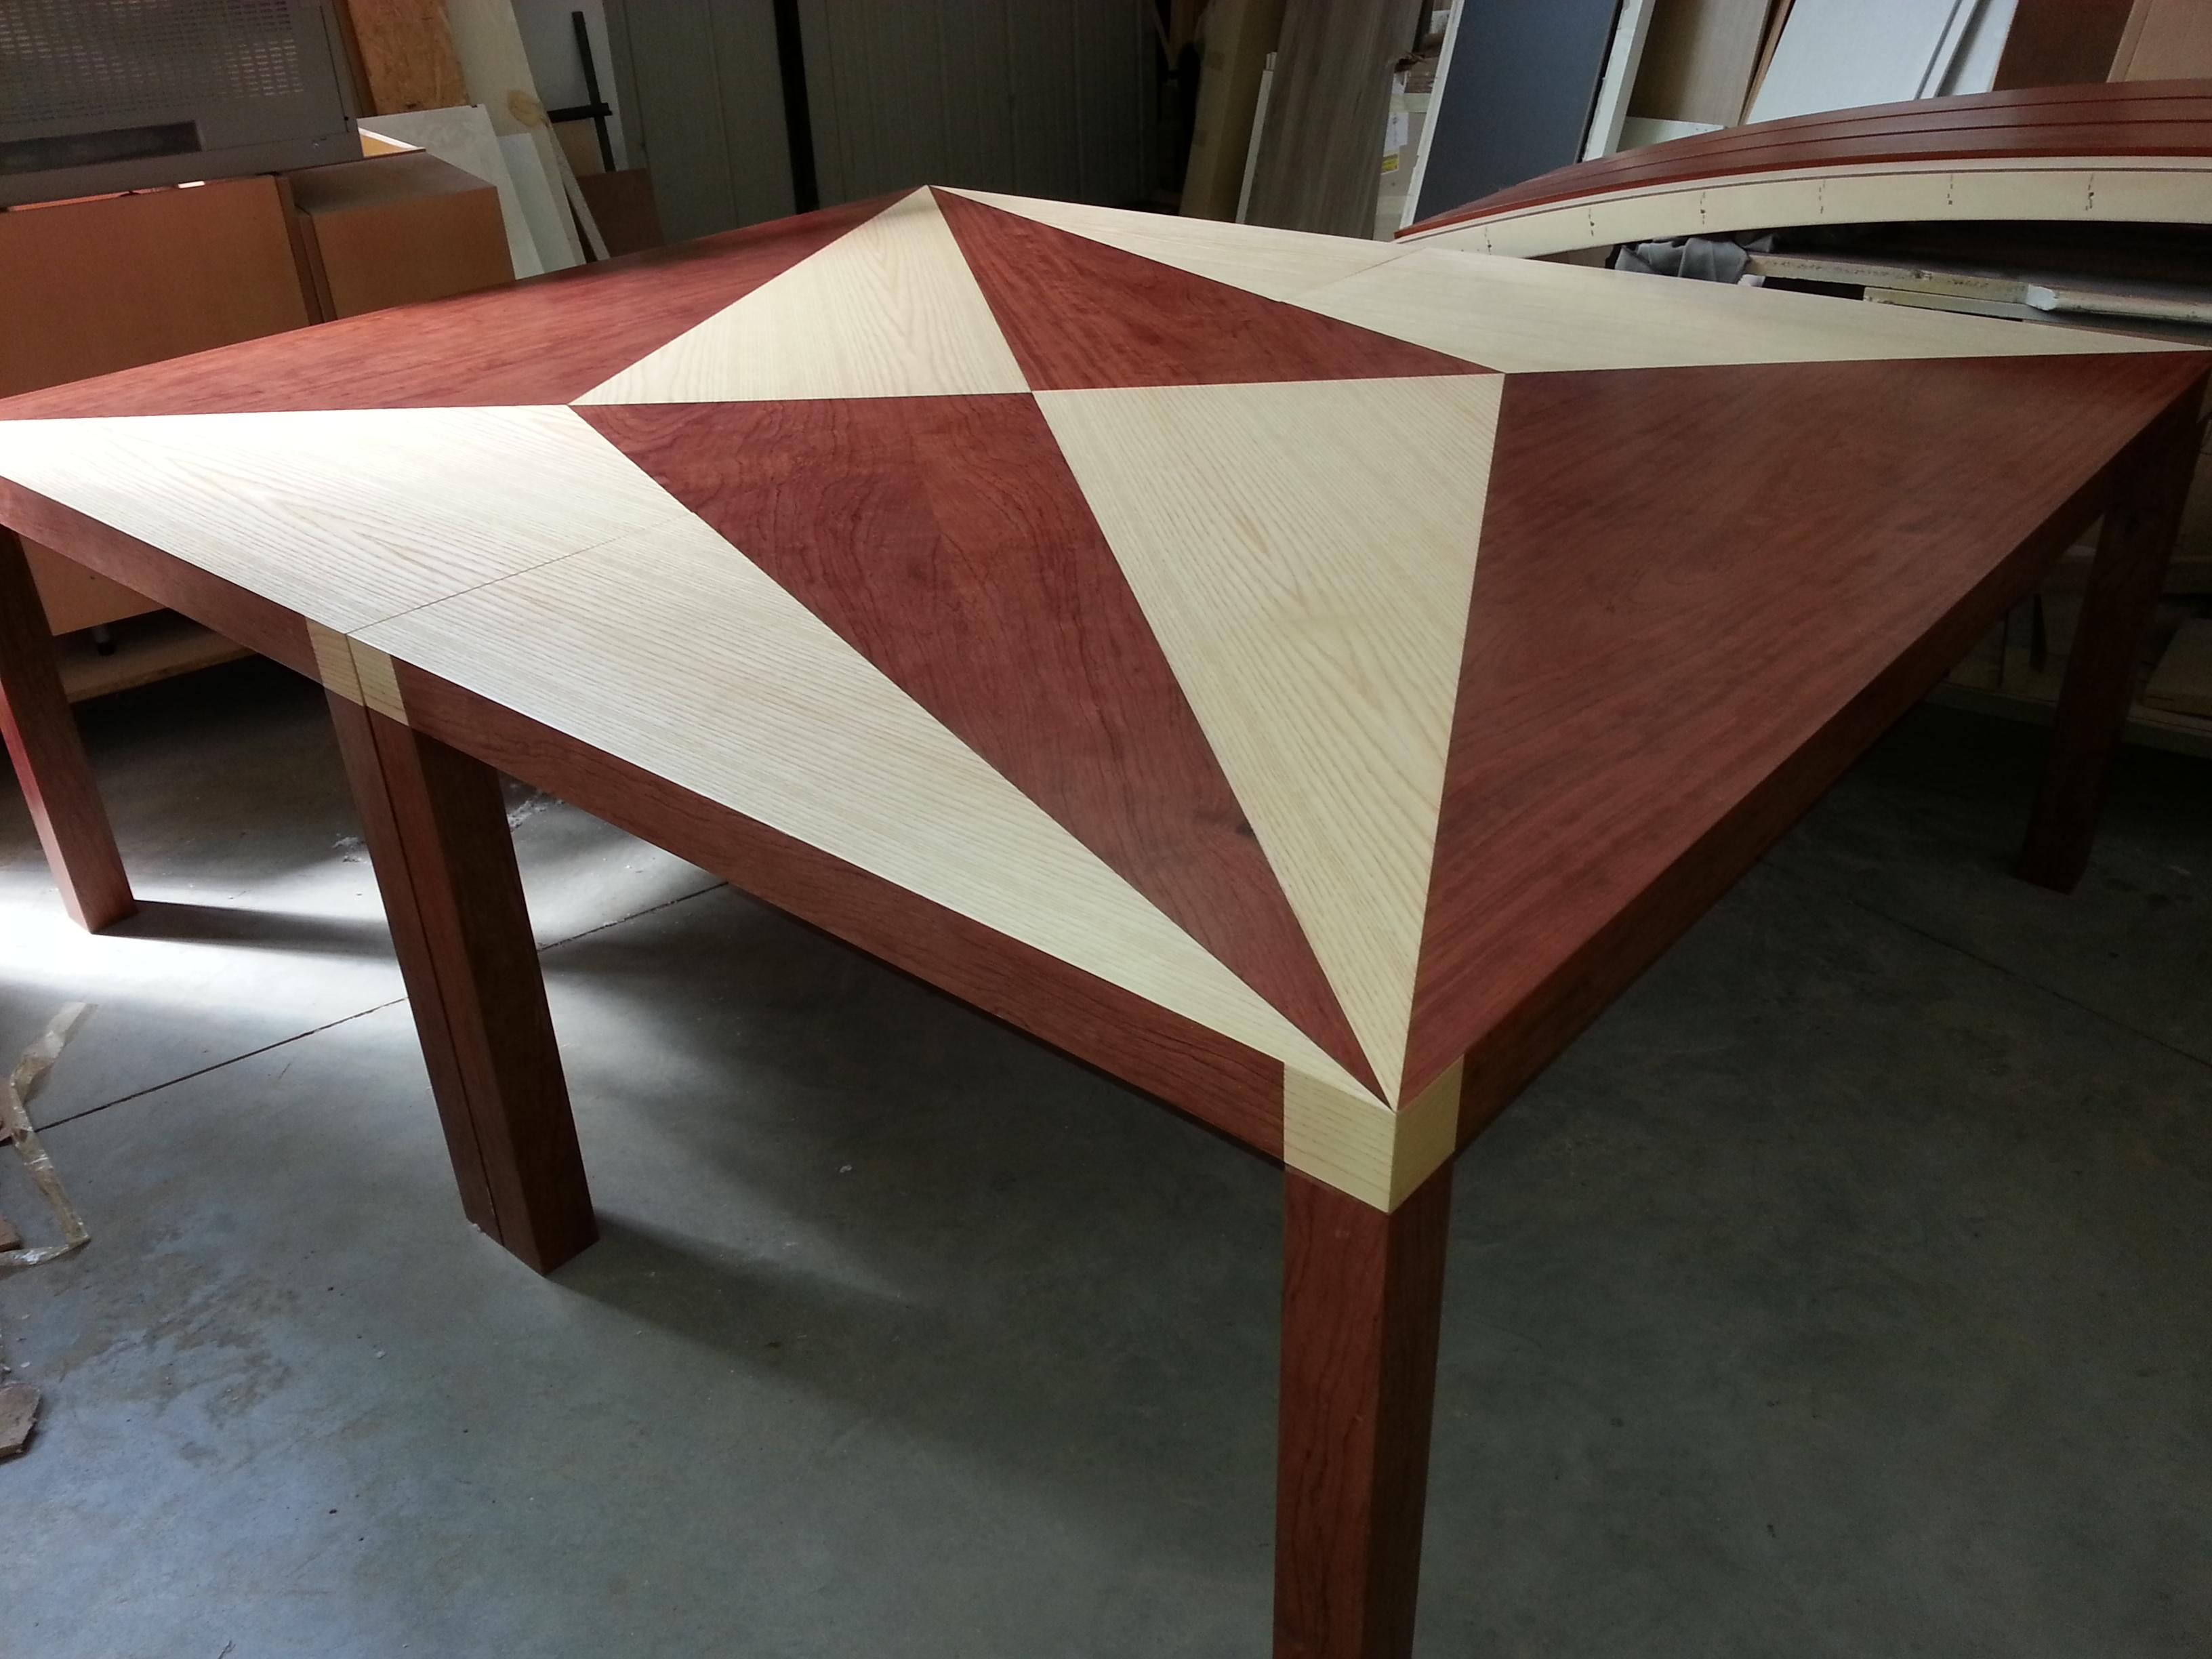 Tavolo su misura con inserti in contrasto | Farolfi Casa